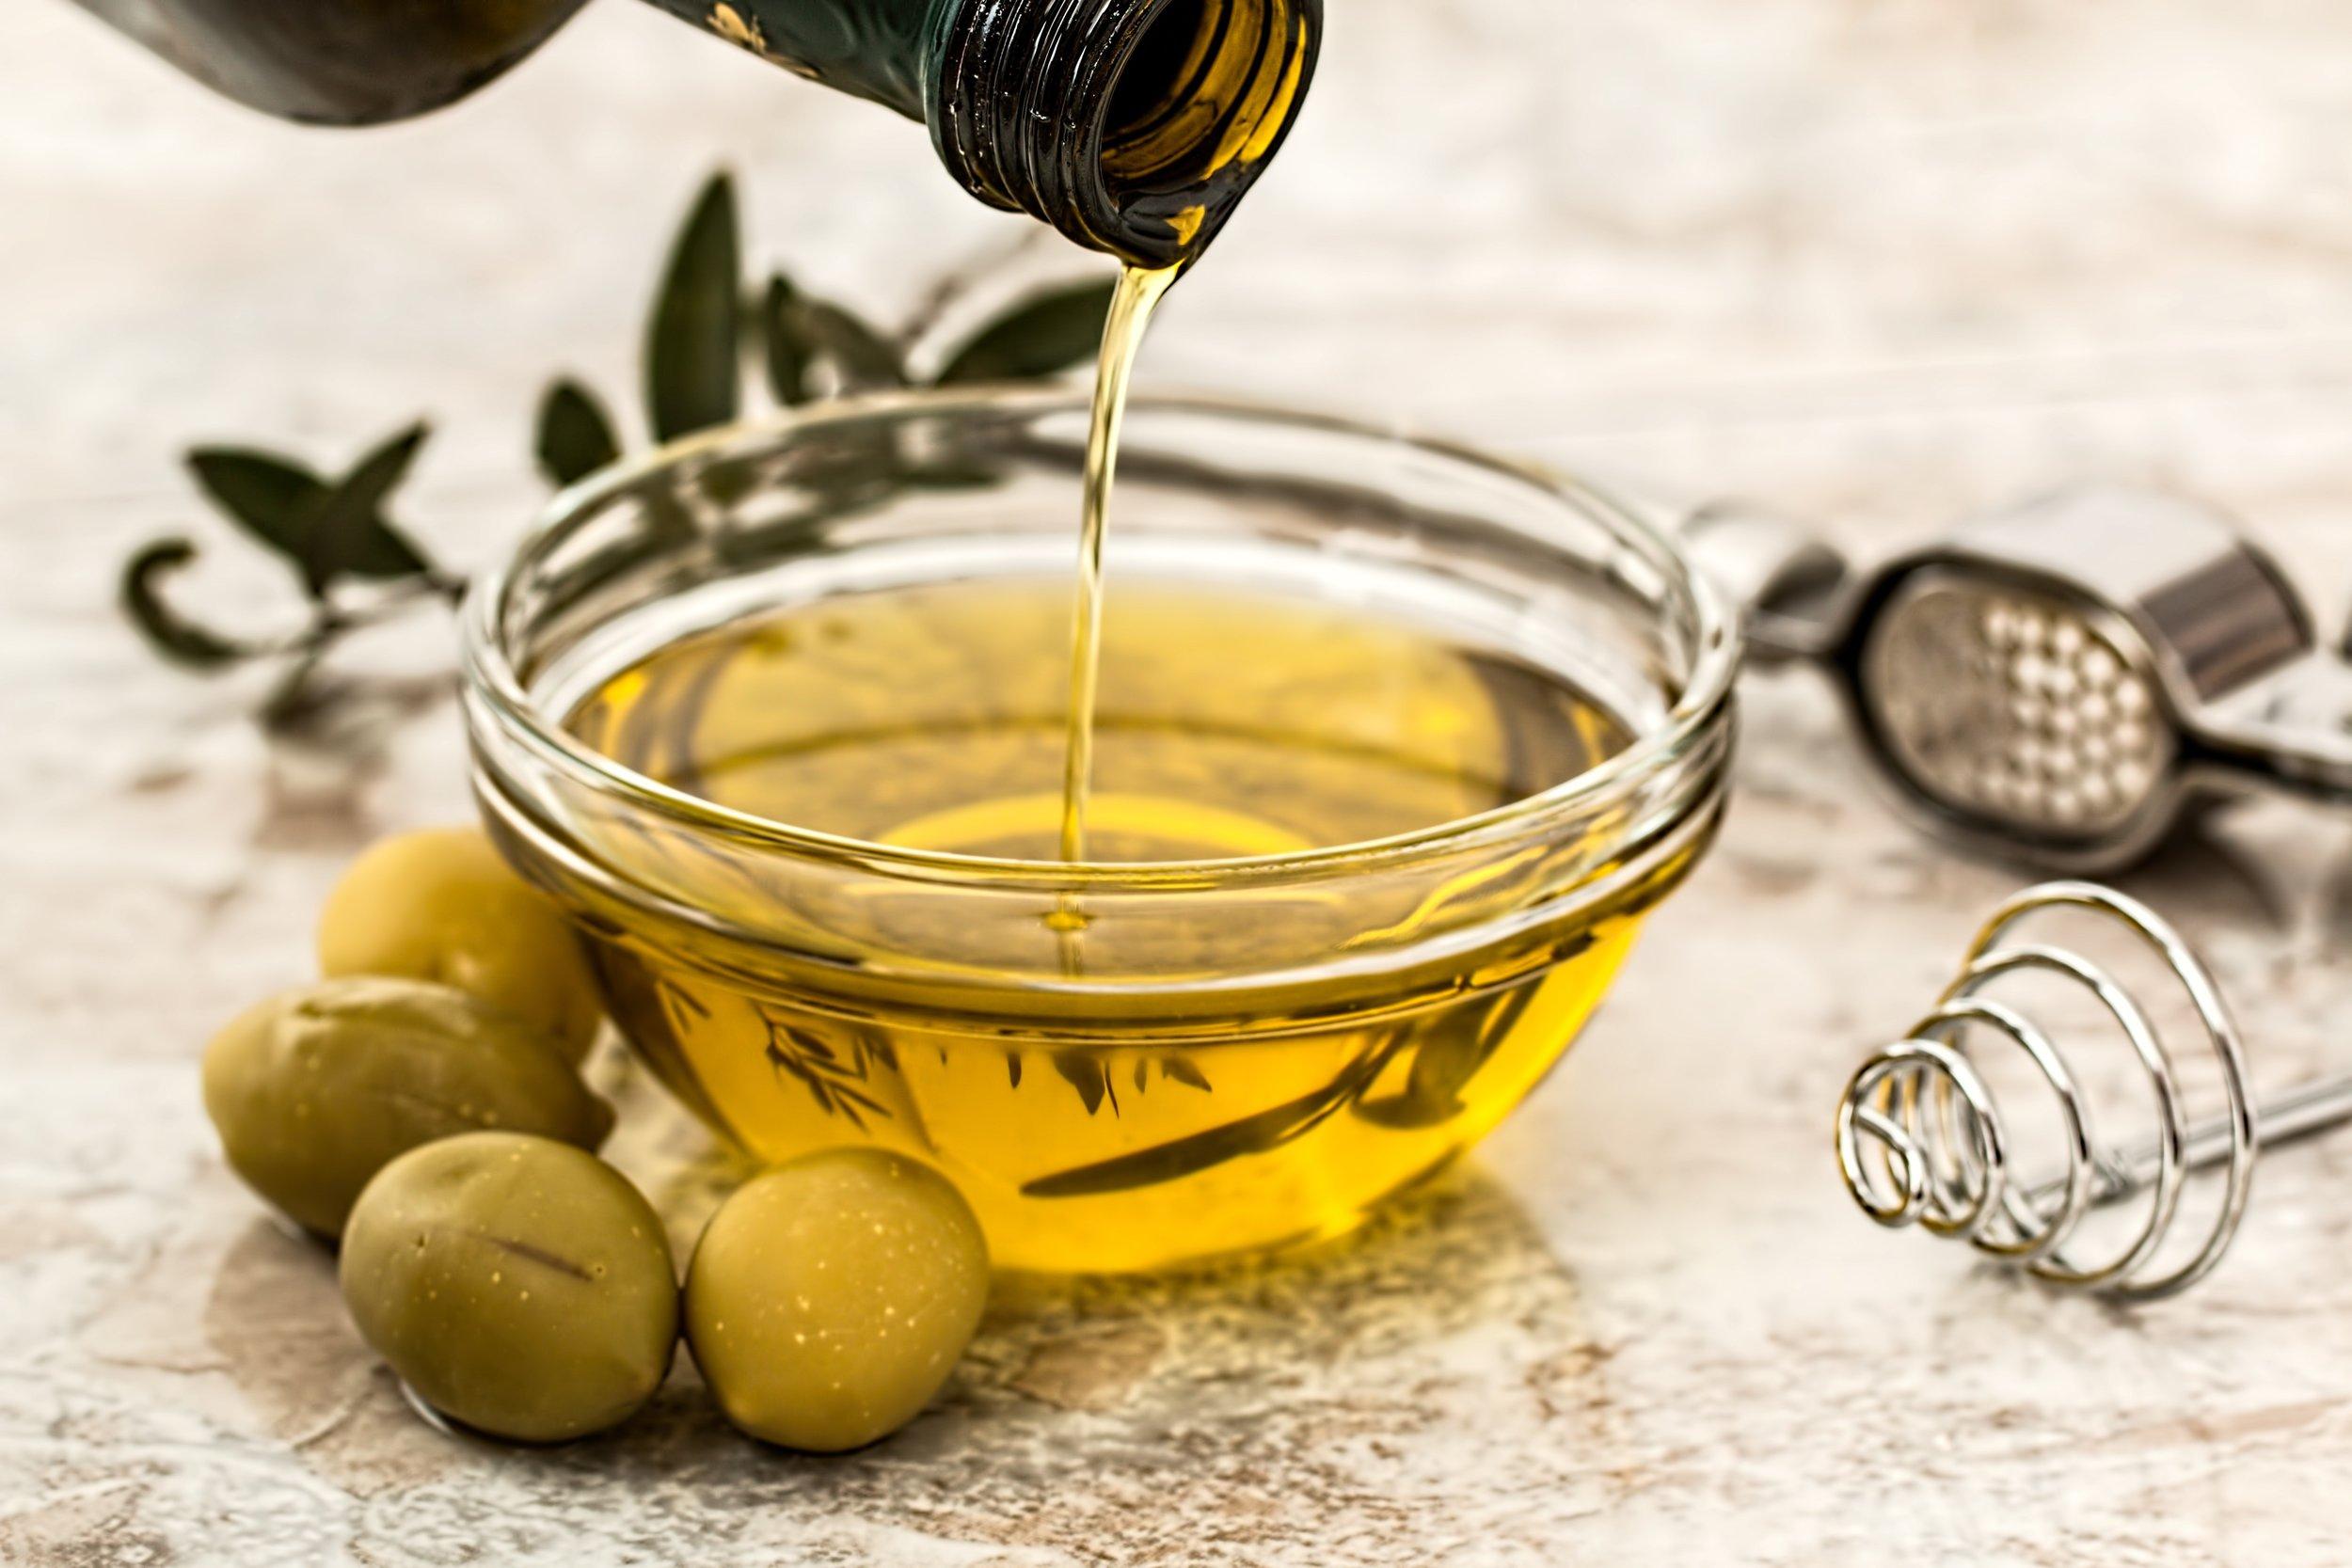 Experiències entre oliveres - L'oli d'oliva és imprescindible a la dieta mediterránea. A Catalunya tenim regions increïbles on, a part d'uns paisatges mil·lenaris, podem gaudir d'olis de gran qualitat.A Feel by Doing hem seleccionat algunes experiències perquè puguis descobrir els secrets que amaguen els camps d'oliveres i els sabors i textures de l'oli d'oliva ecològic:- Visites a camps d'oliveres mil·lenàries per conèixer els seus productors locals i fer un tast d'olis ecològics- Visites a molins d'oli amb tast i degustació de productes locals- Passejades entre oliveres, tast d'oli i esmorzar o dinar... i molt mésPreu: desde 15€ per persona